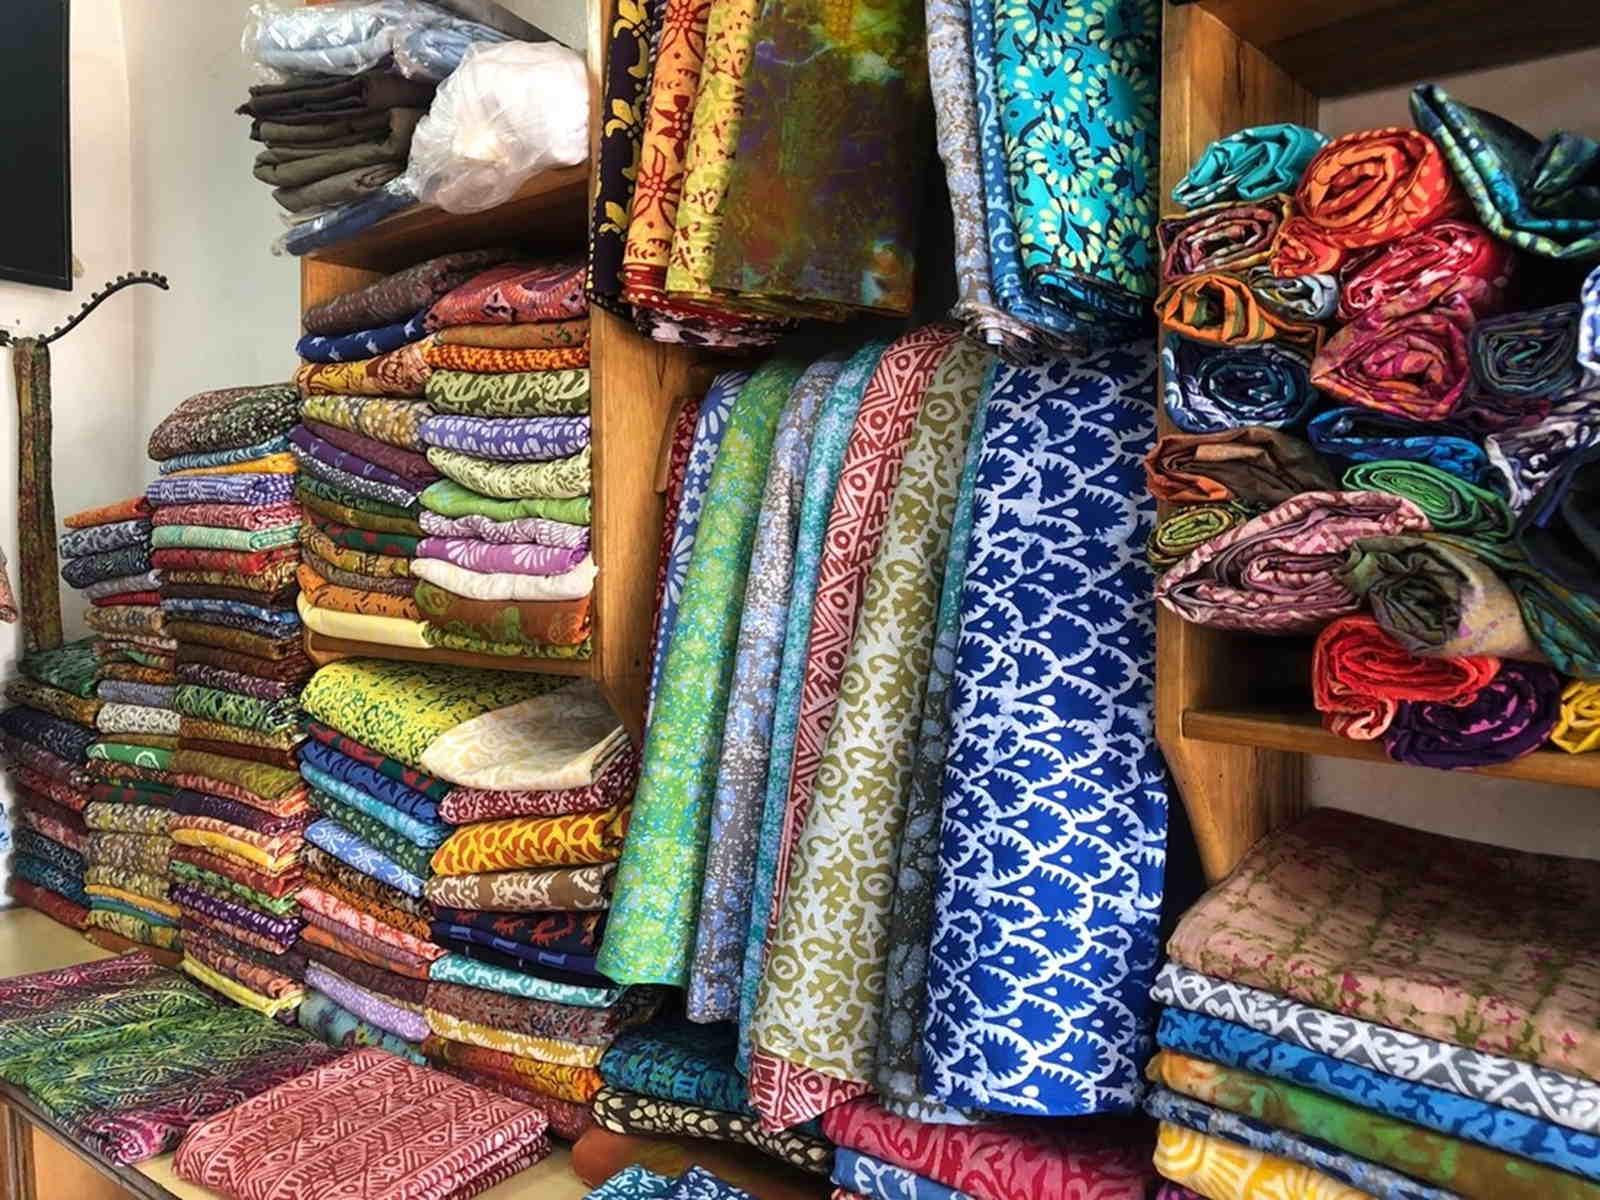 Panafrica - Photo de tissus Wax dans l'atelier d'Esther - Ghana